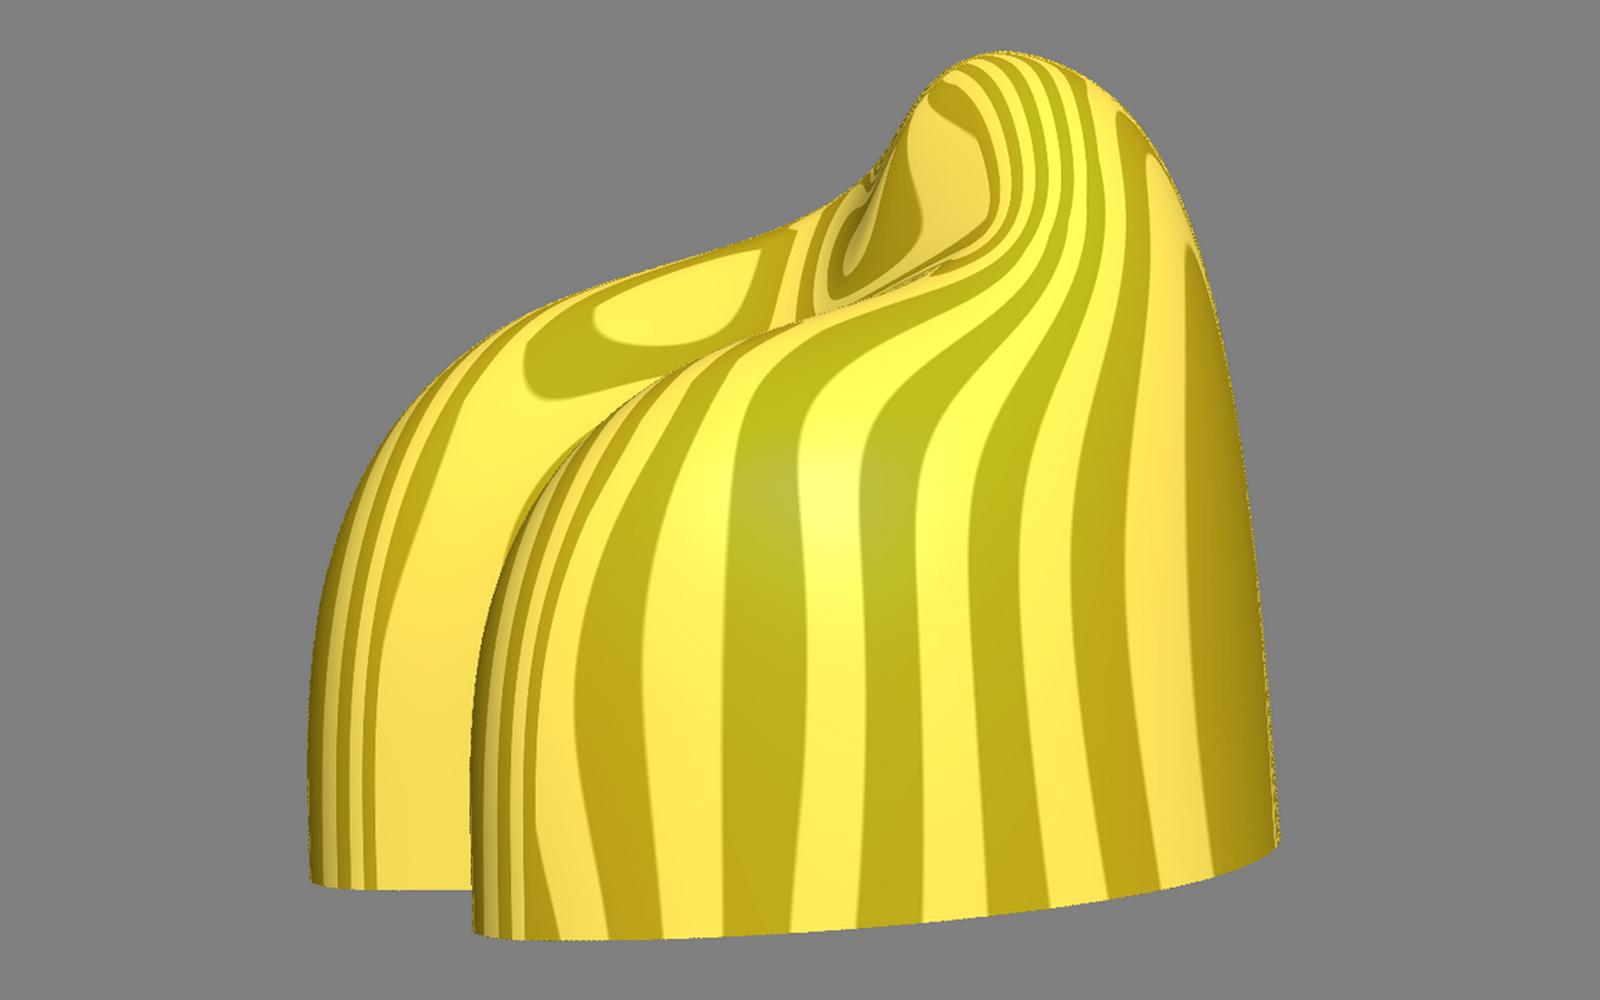 Conap 3D Reverse Engineering - CAD Modell eines Bauteils